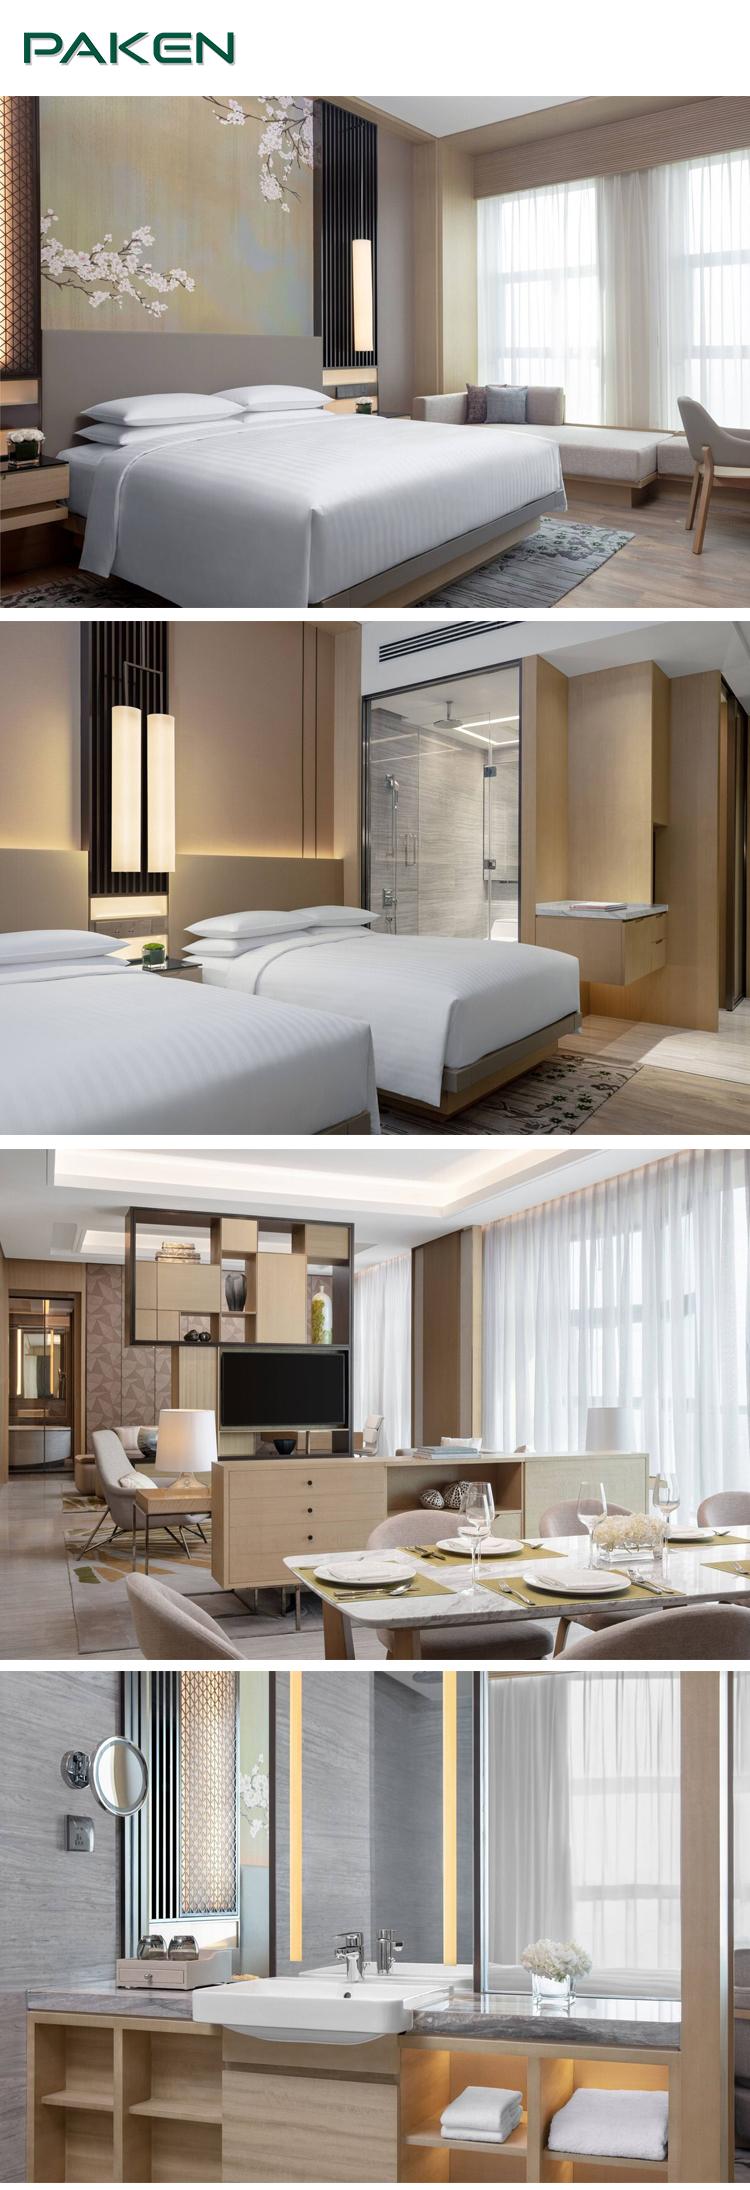 Hotel Room Furniture: Modern Design Commercial 5 Star Hotel Furniture Set For